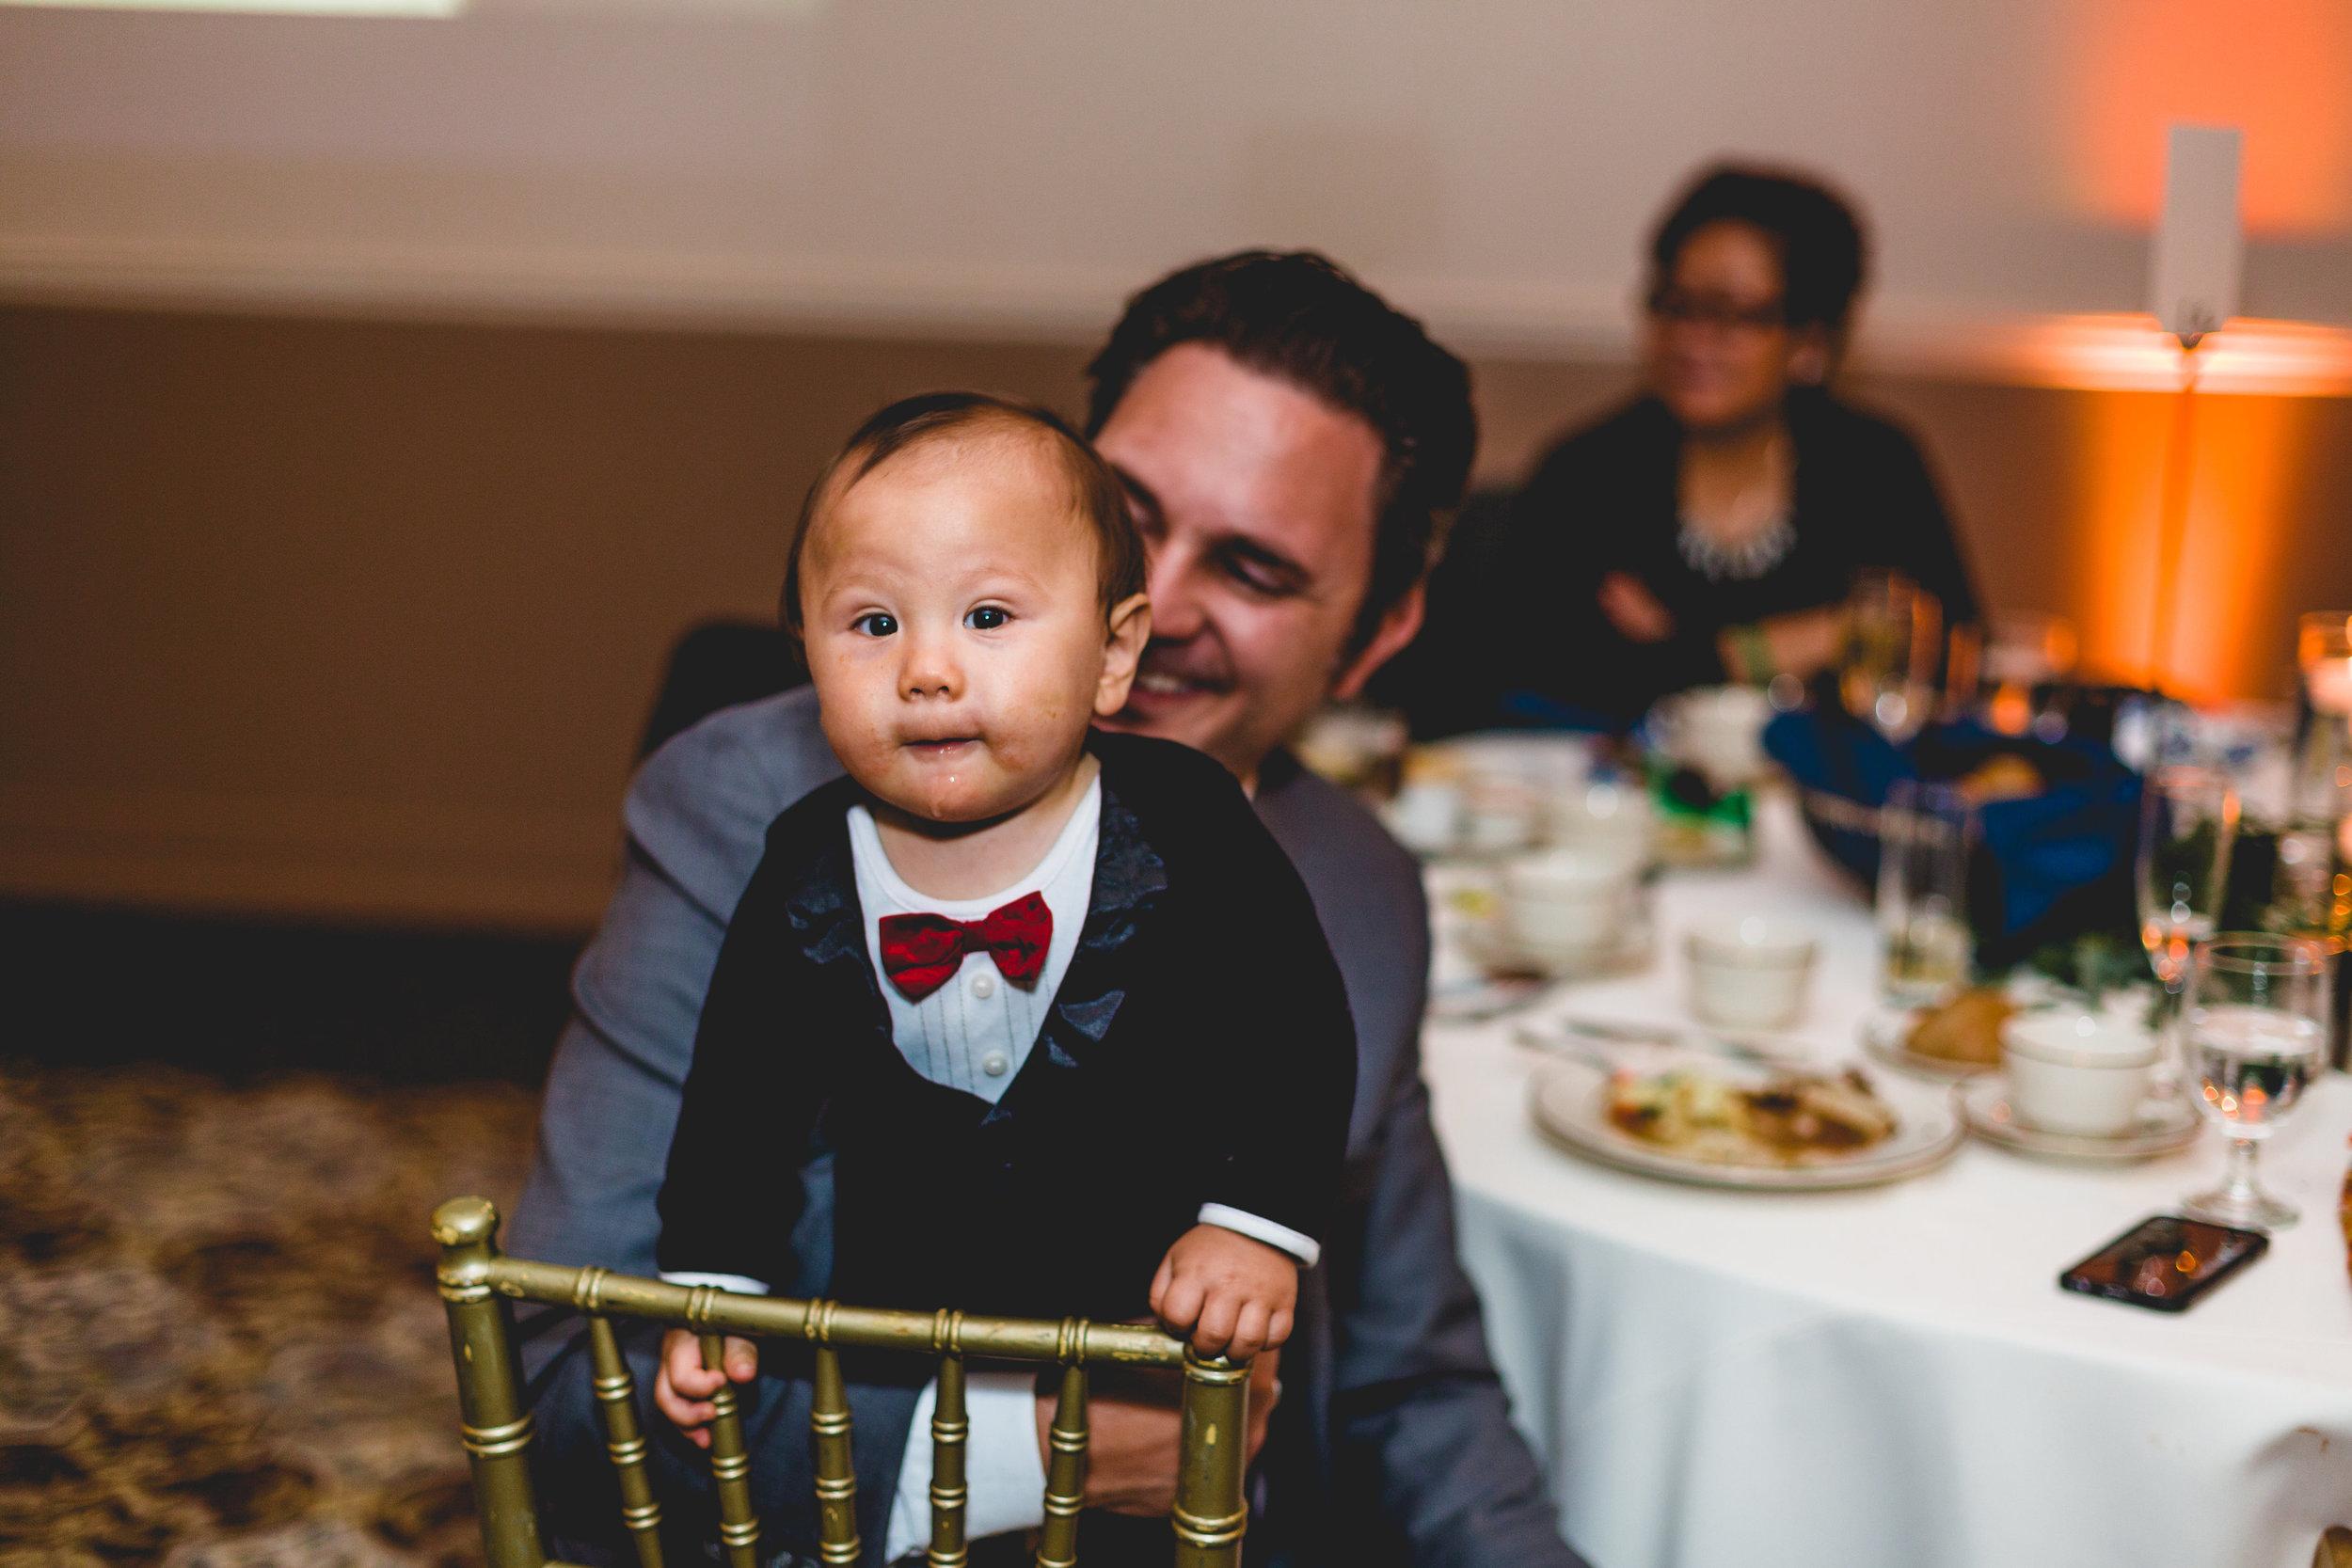 nils_yvonne-wedding-reception-83.jpg